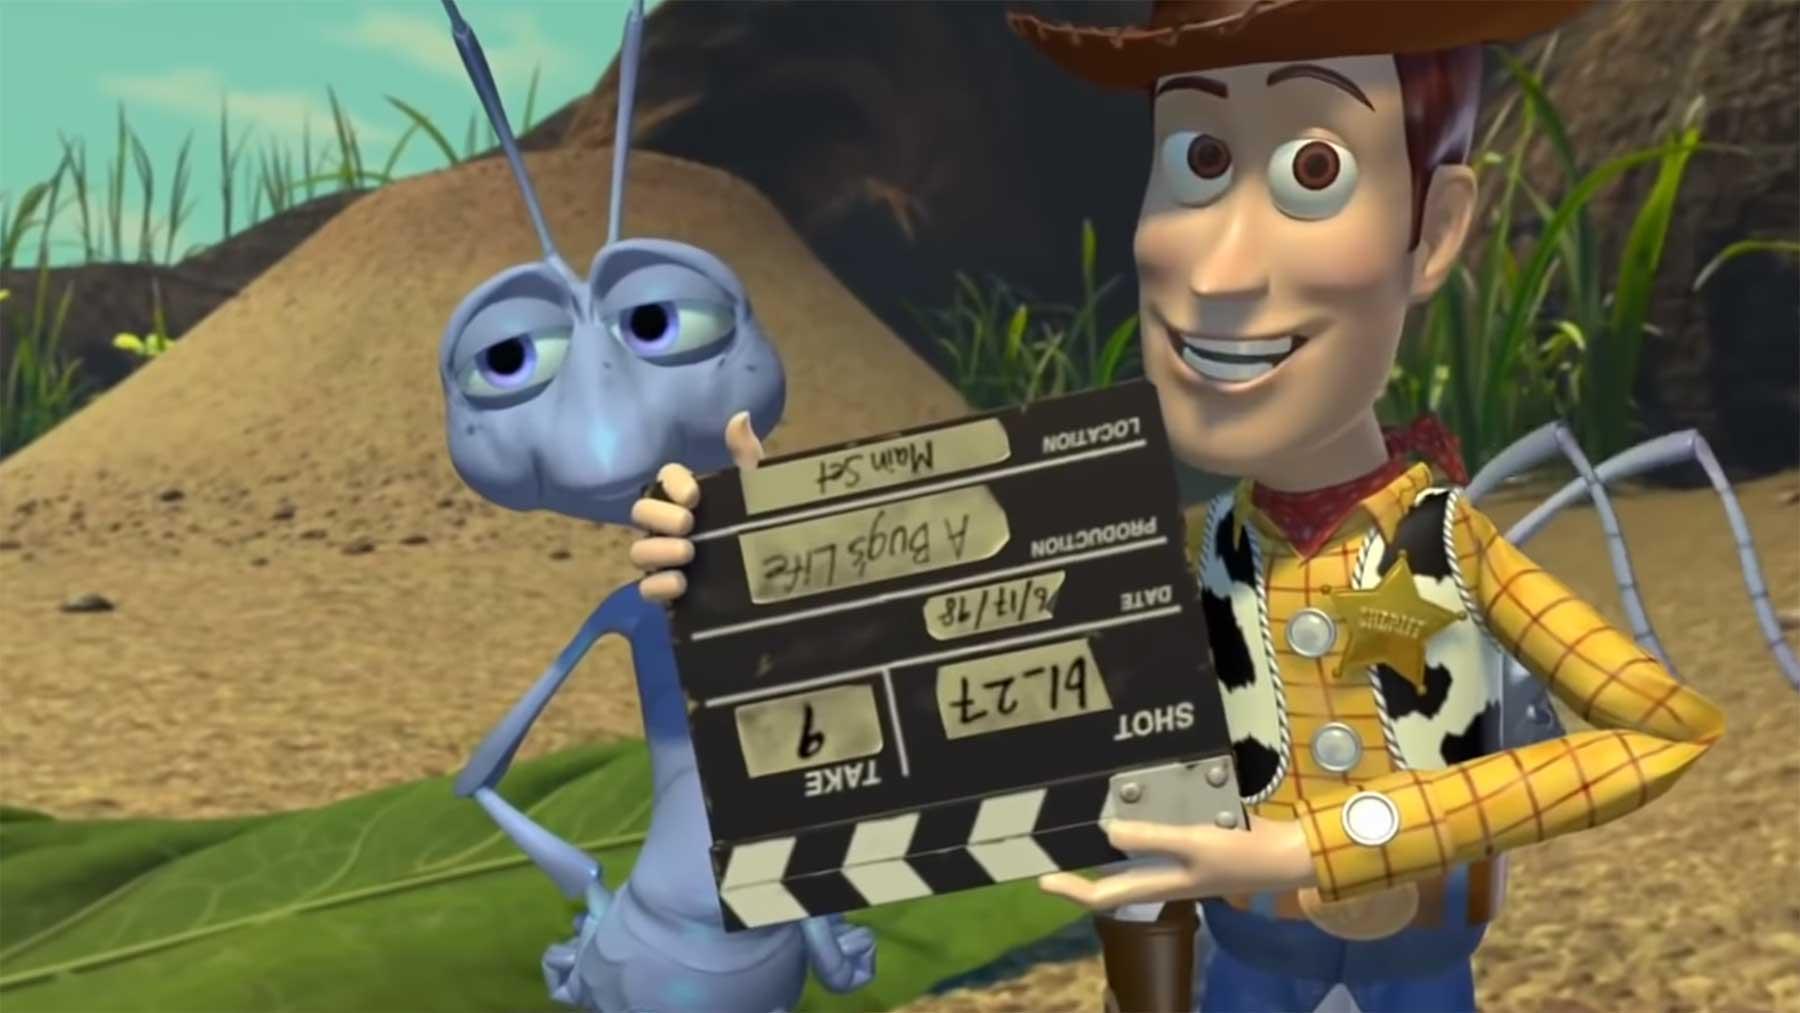 Pixar-Film-Referenzen erklärt pixar-referenzen-fimle